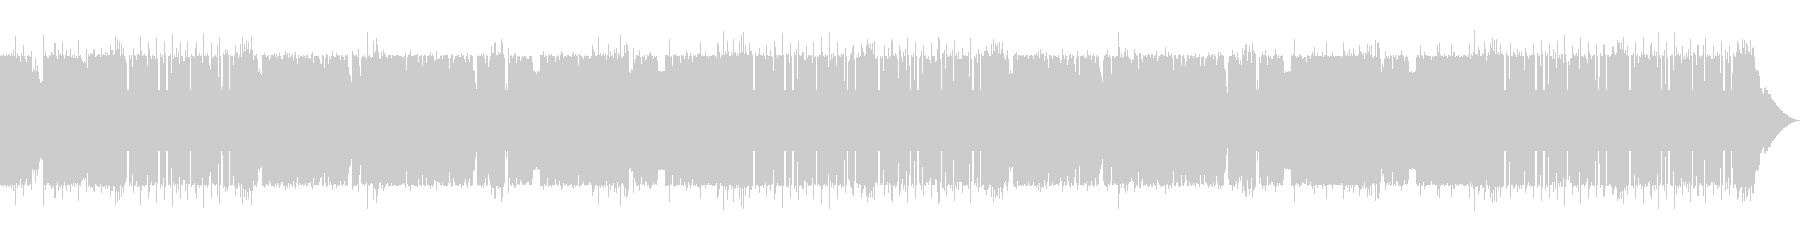 パッヘルベルのカノン(8bitピコピコ)の未再生の波形